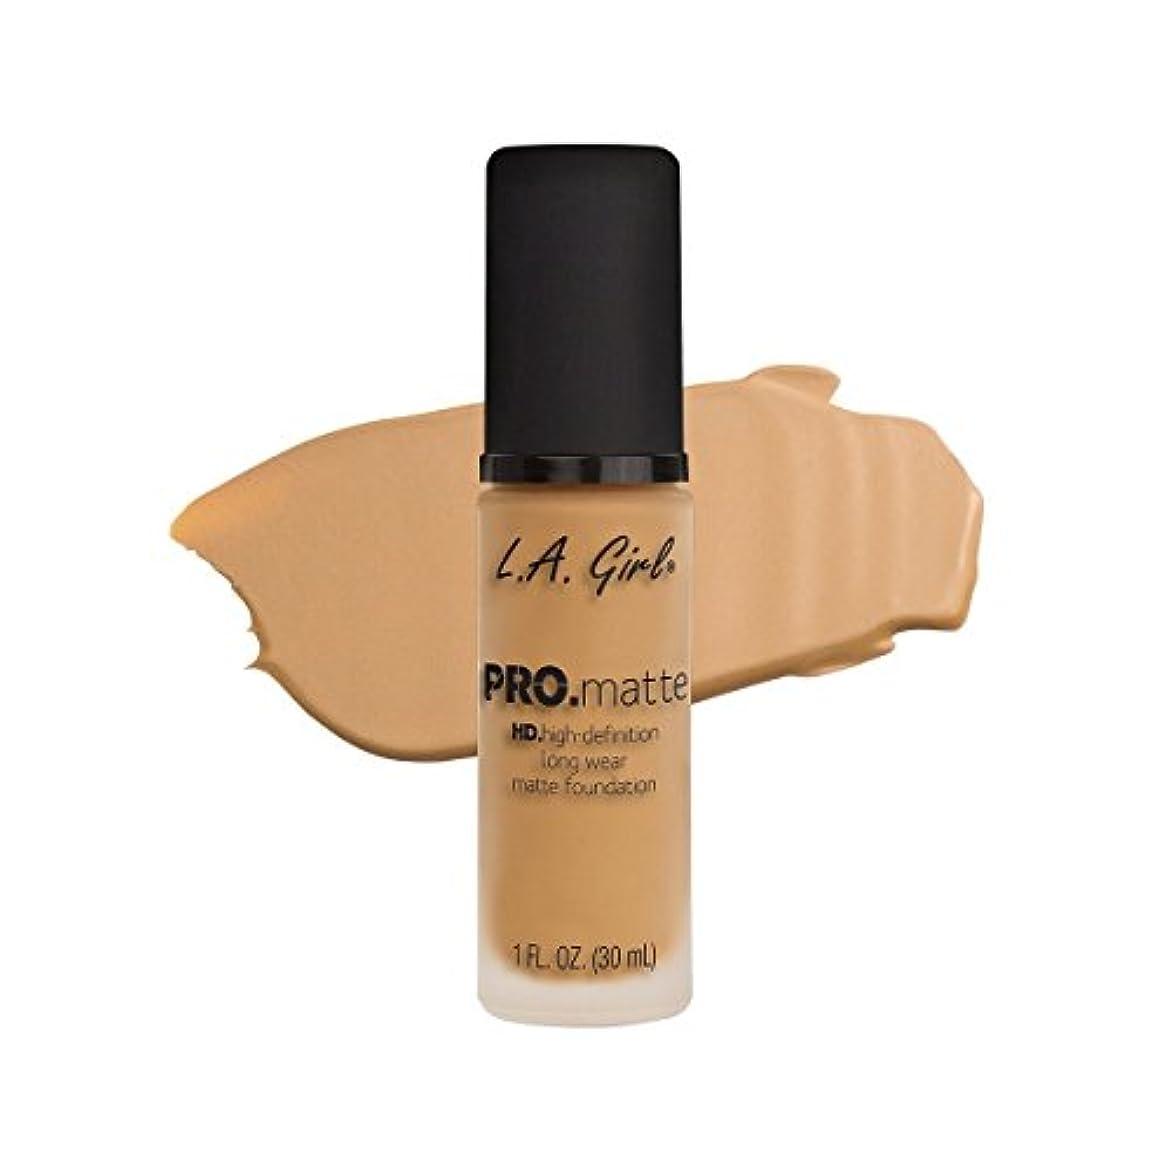 小人敏感なスクレーパー(6 Pack) L.A. GIRL Pro Matte Foundation - Natural (並行輸入品)